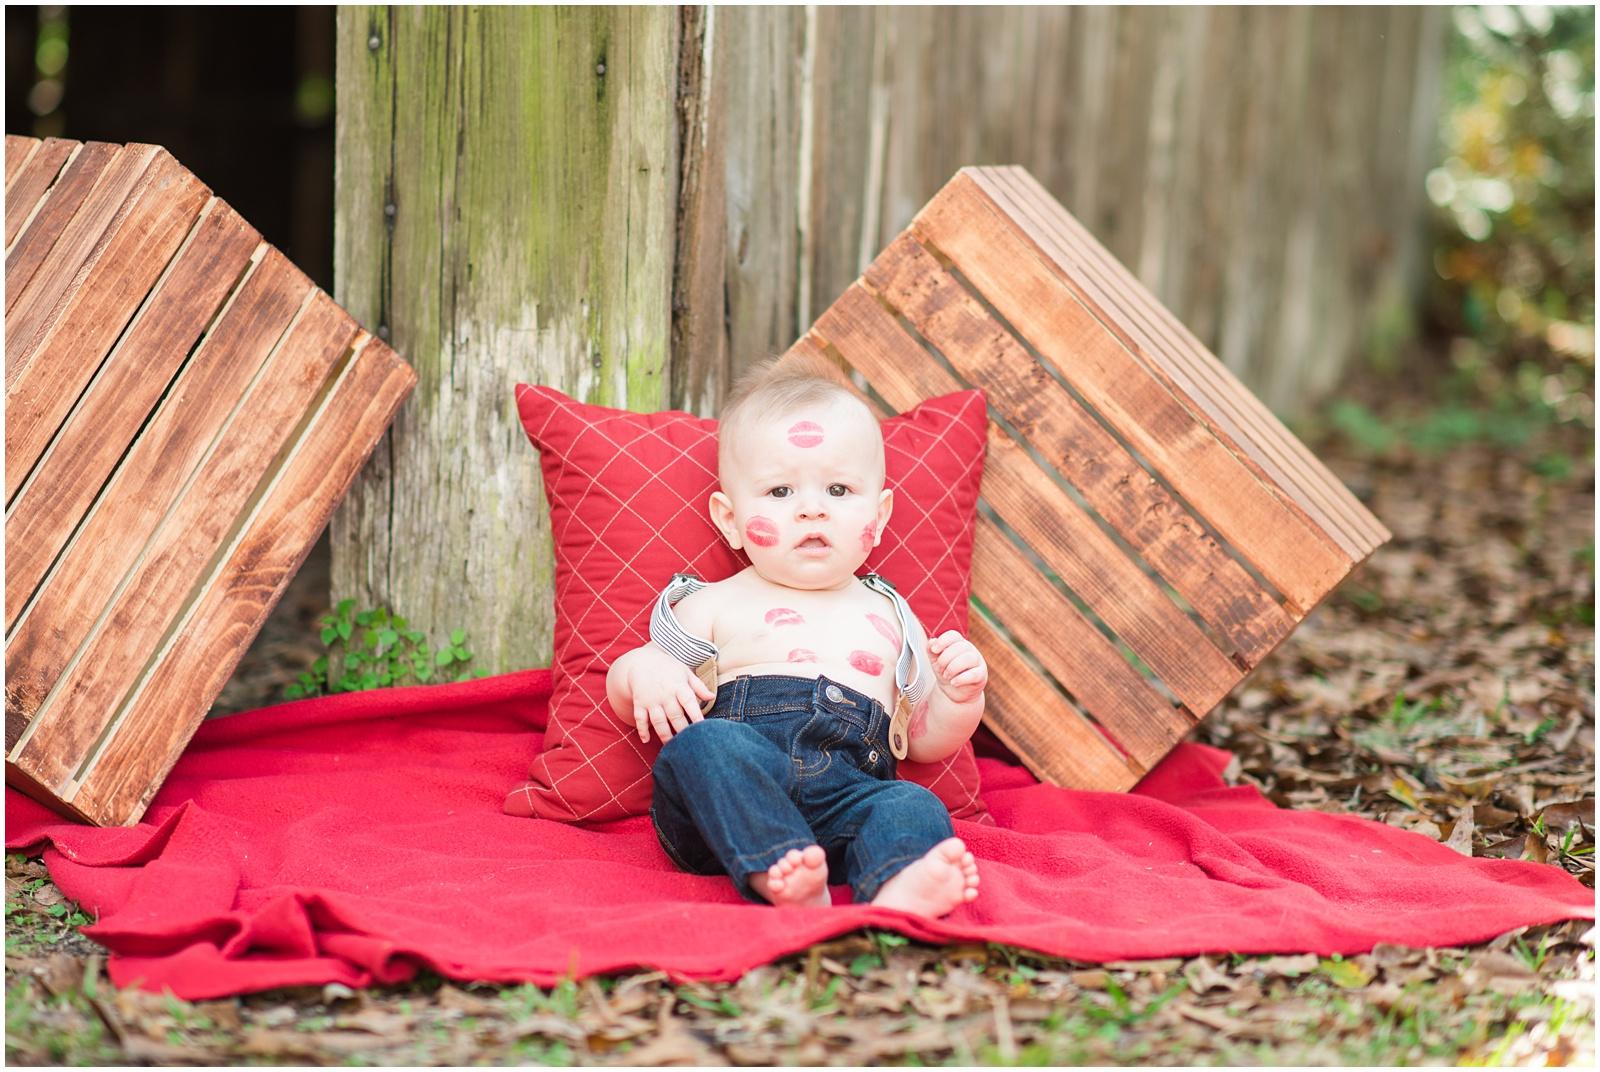 Baby_Portraits_6 Months_Valentine's Day_Walter Jones Park_11.jpg